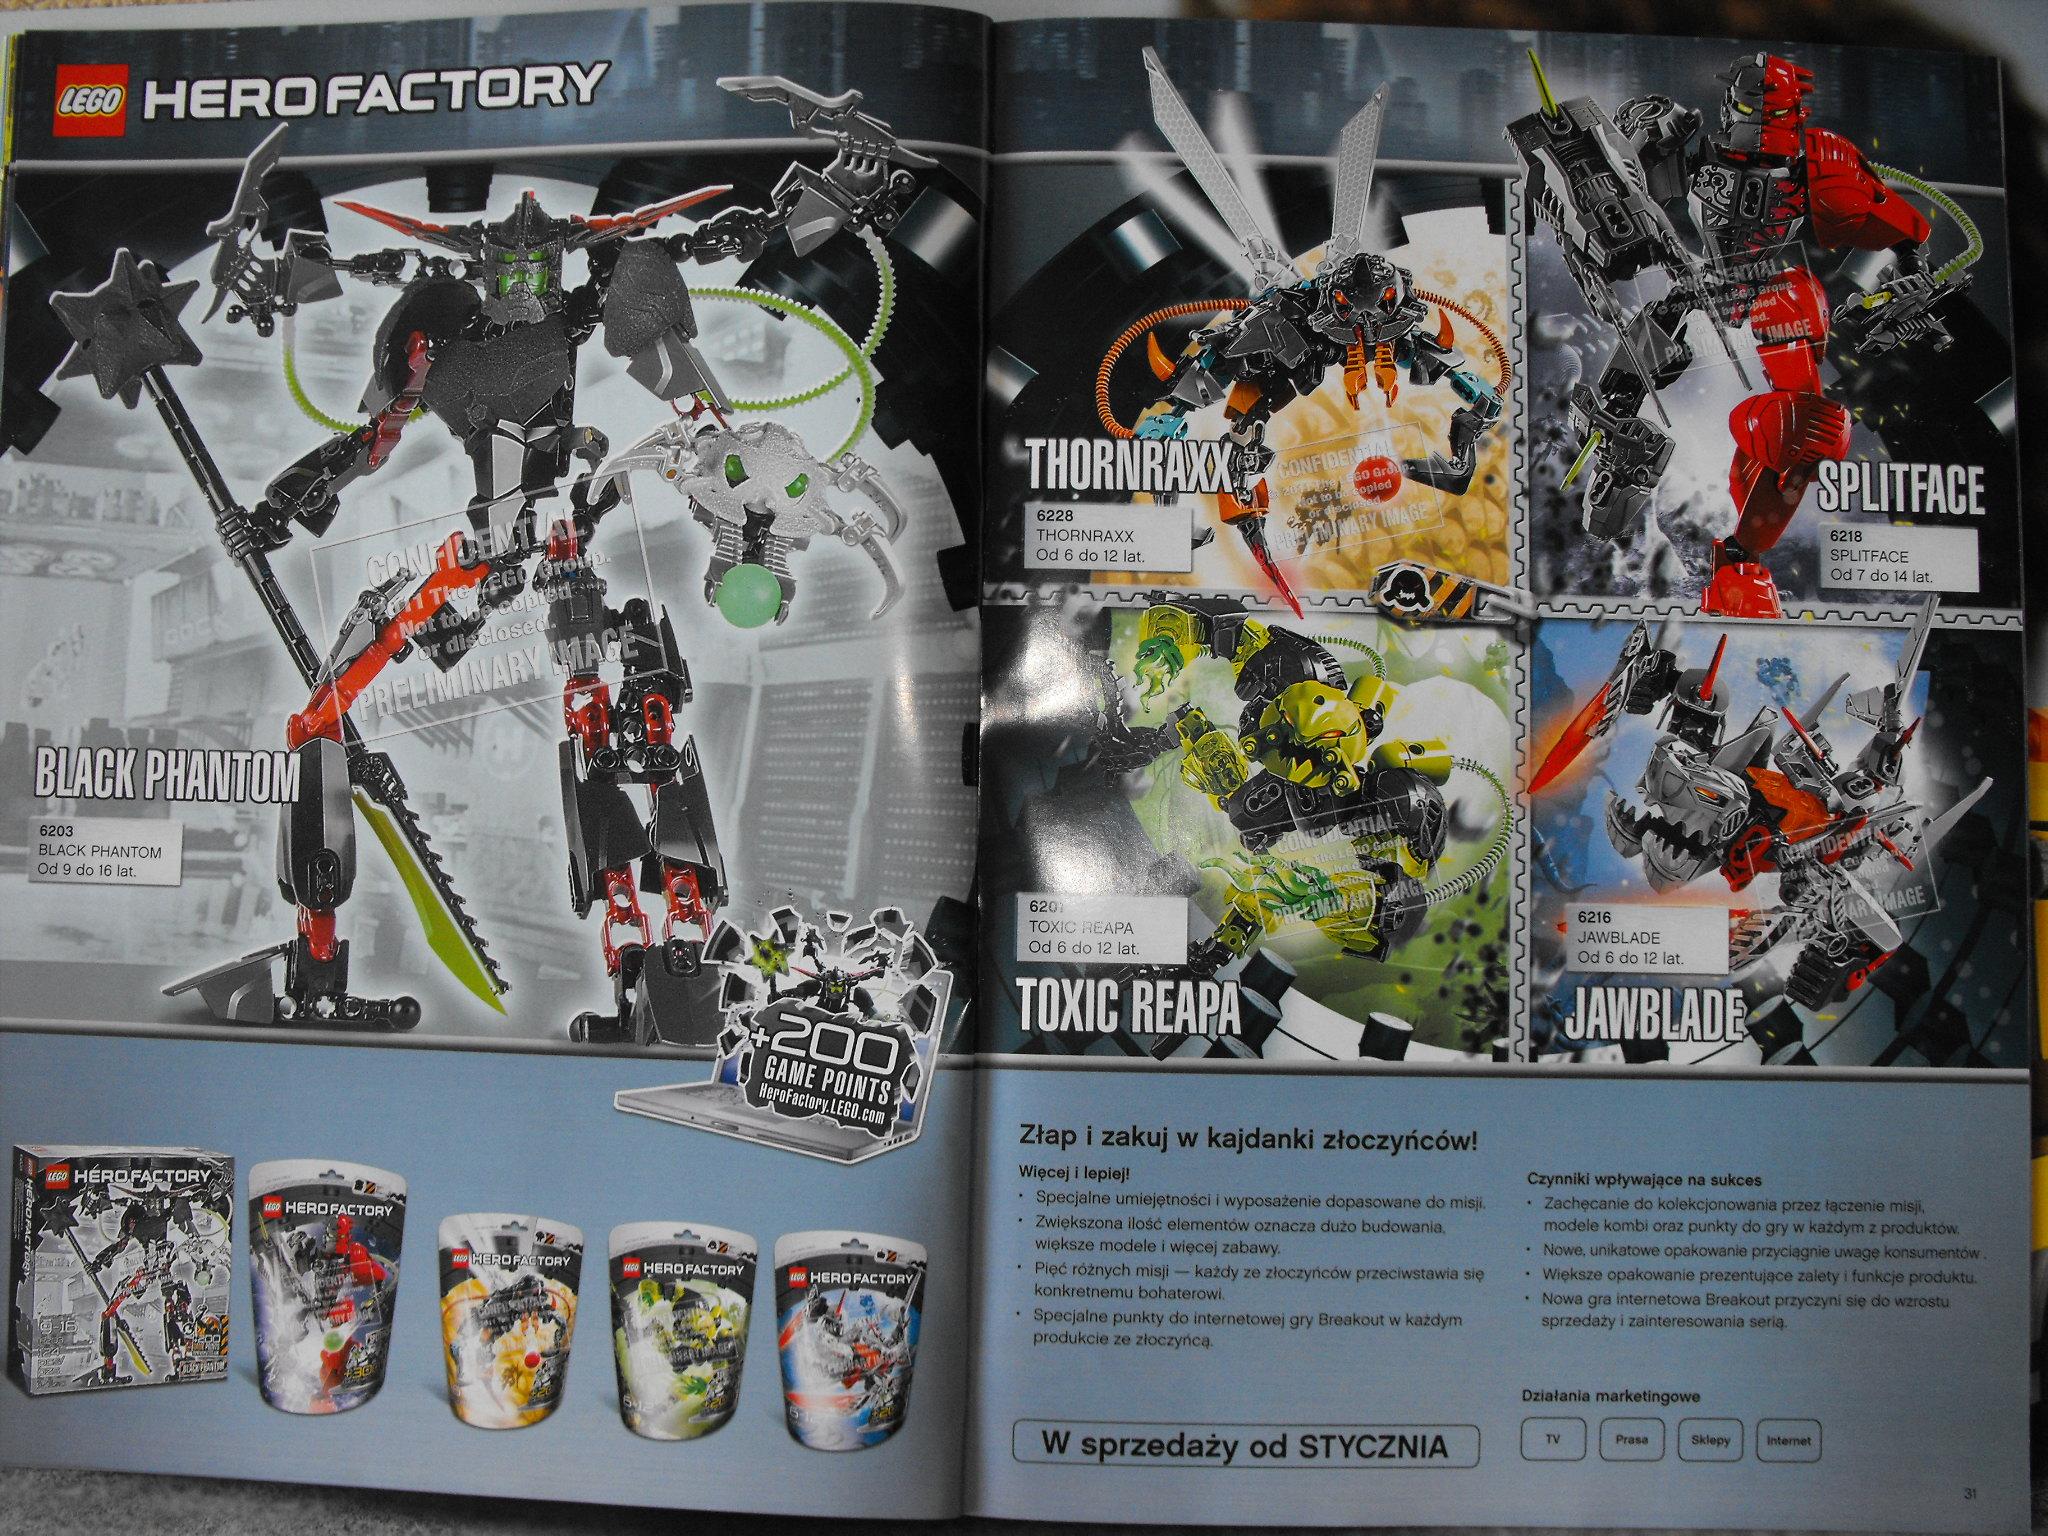 [Figurines] Les Hero Factory 2012 se dévoilent : Images préliminaires - Page 6 Lego_itp_081-2cd287f